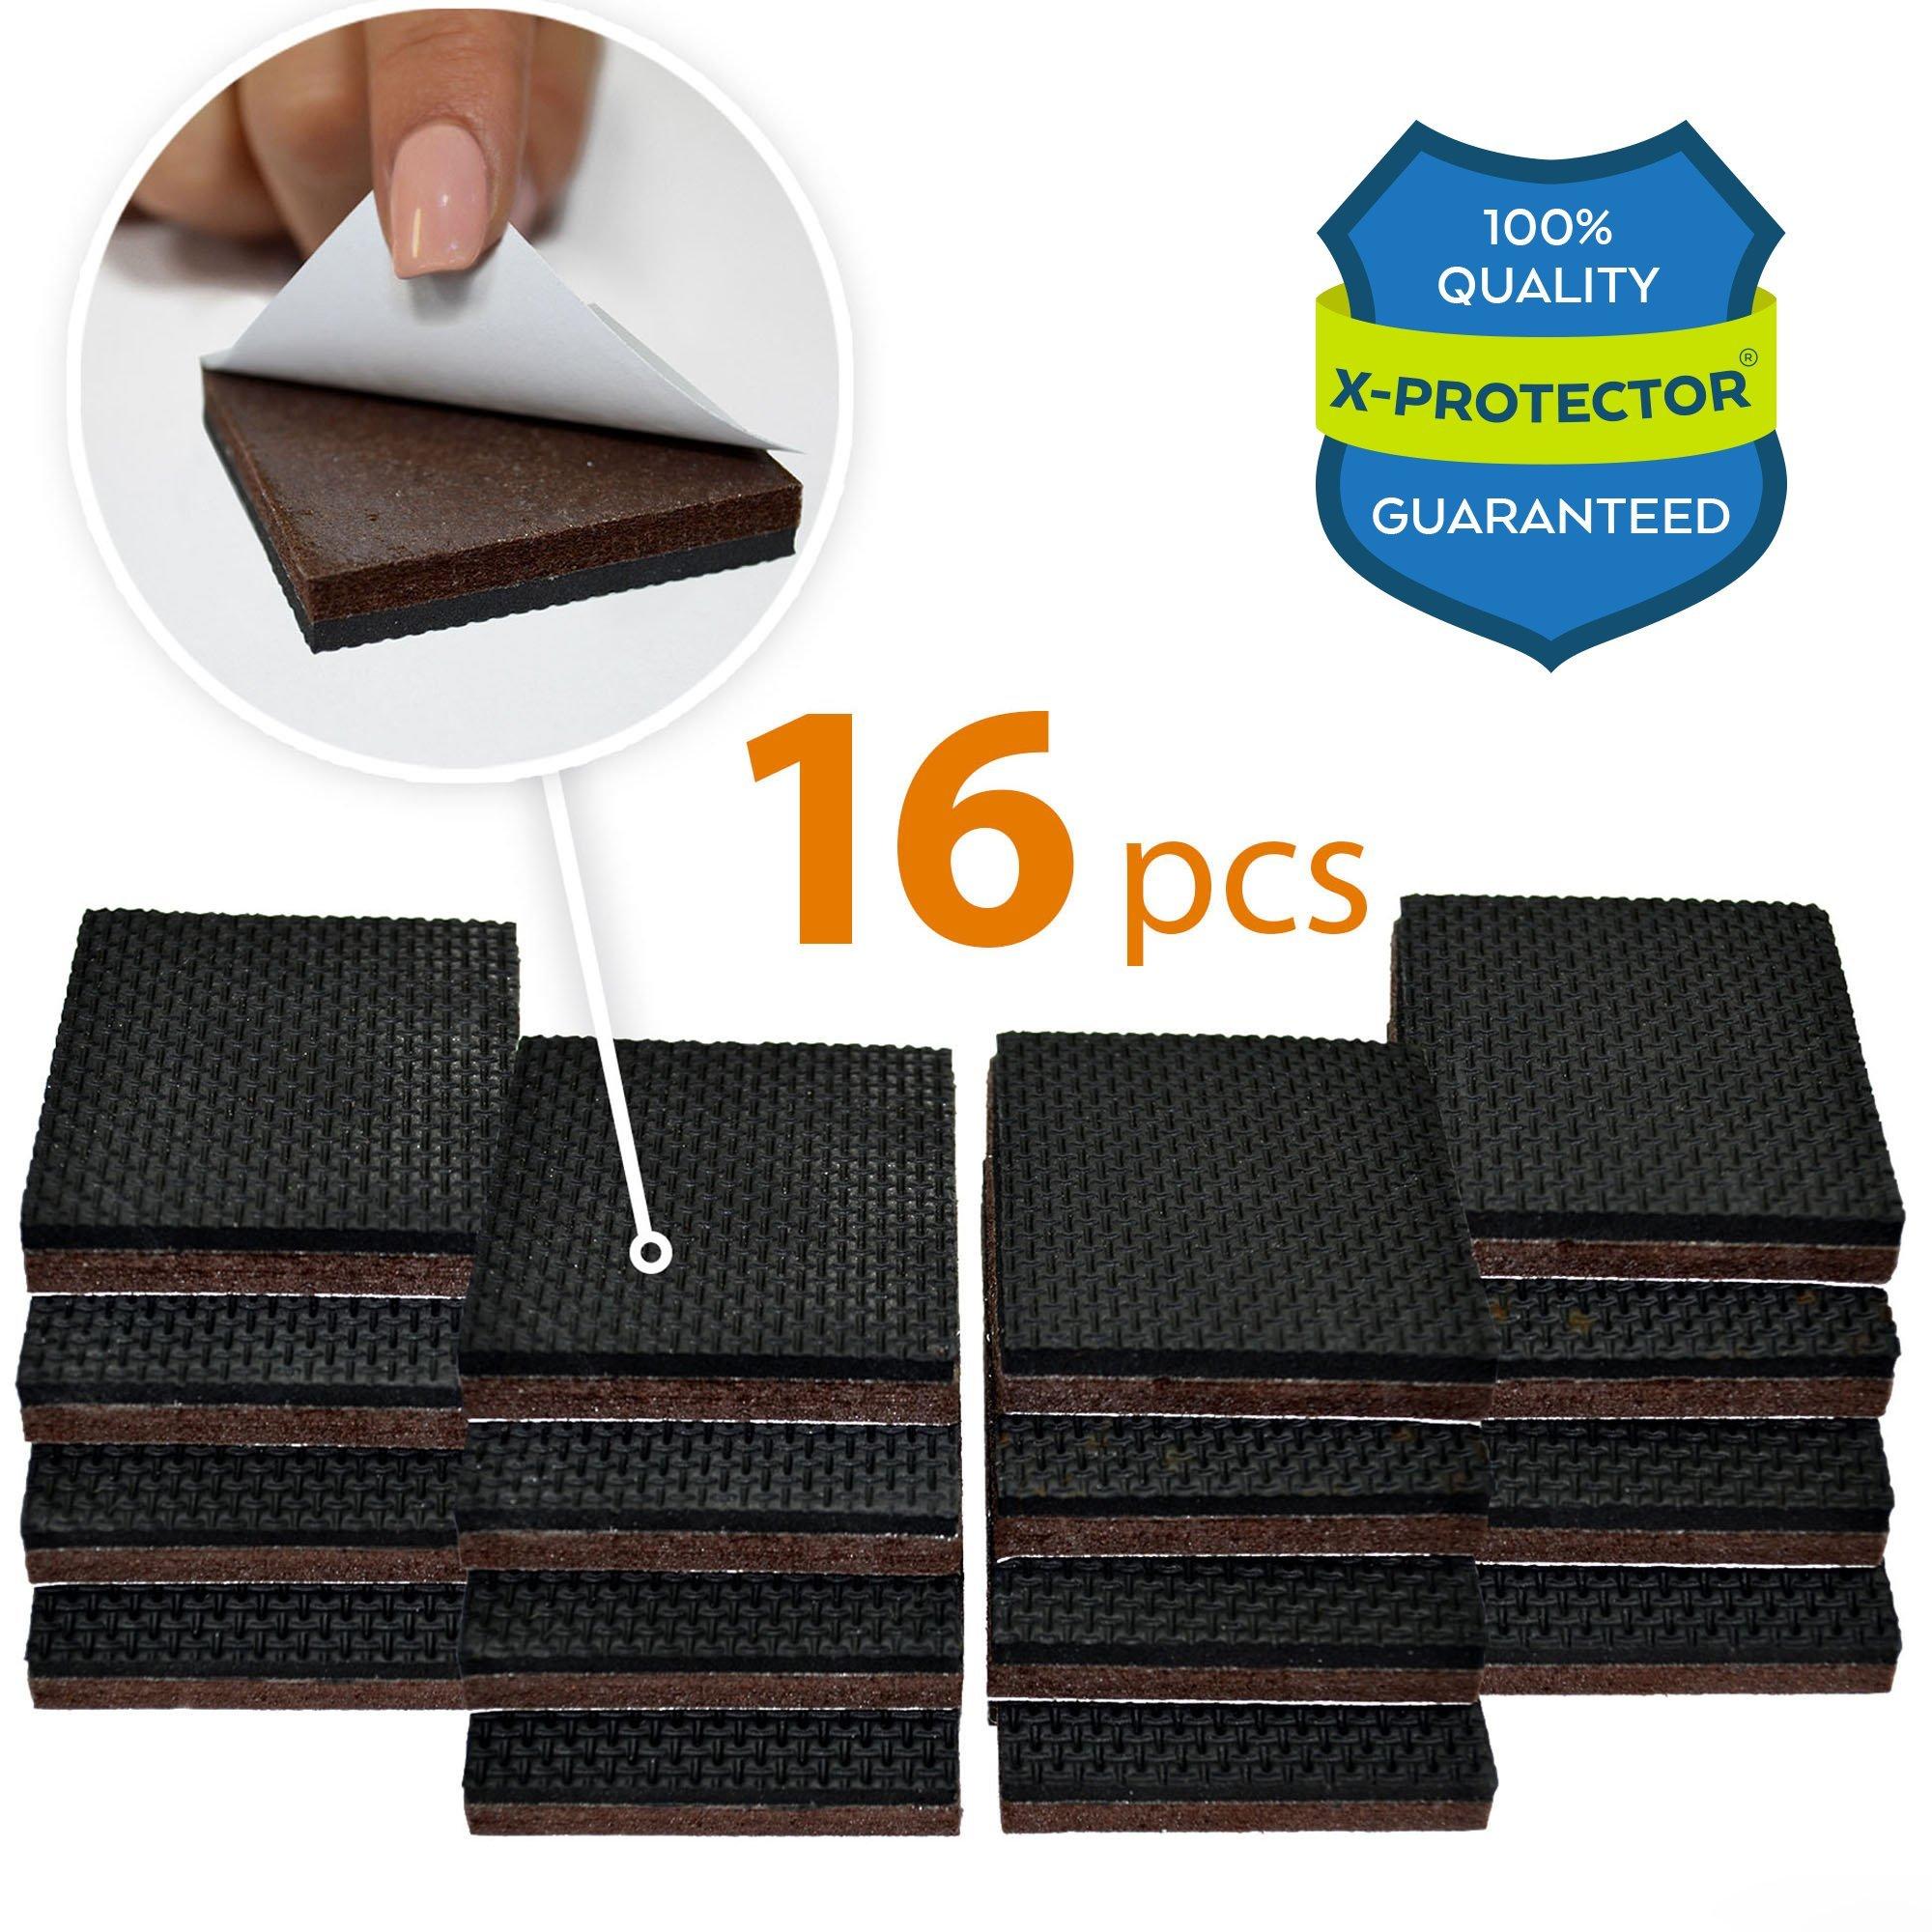 Etonnant NON SLIP FURNITURE PADS X PROTECTOR U2013 PREMIUM 16 Pcs 2u201d Furniture Grippers!  Best SelfAdhesive Rubber Feet Furniture Feet U2013 Ideal Non Skid Furniture Pad  ...